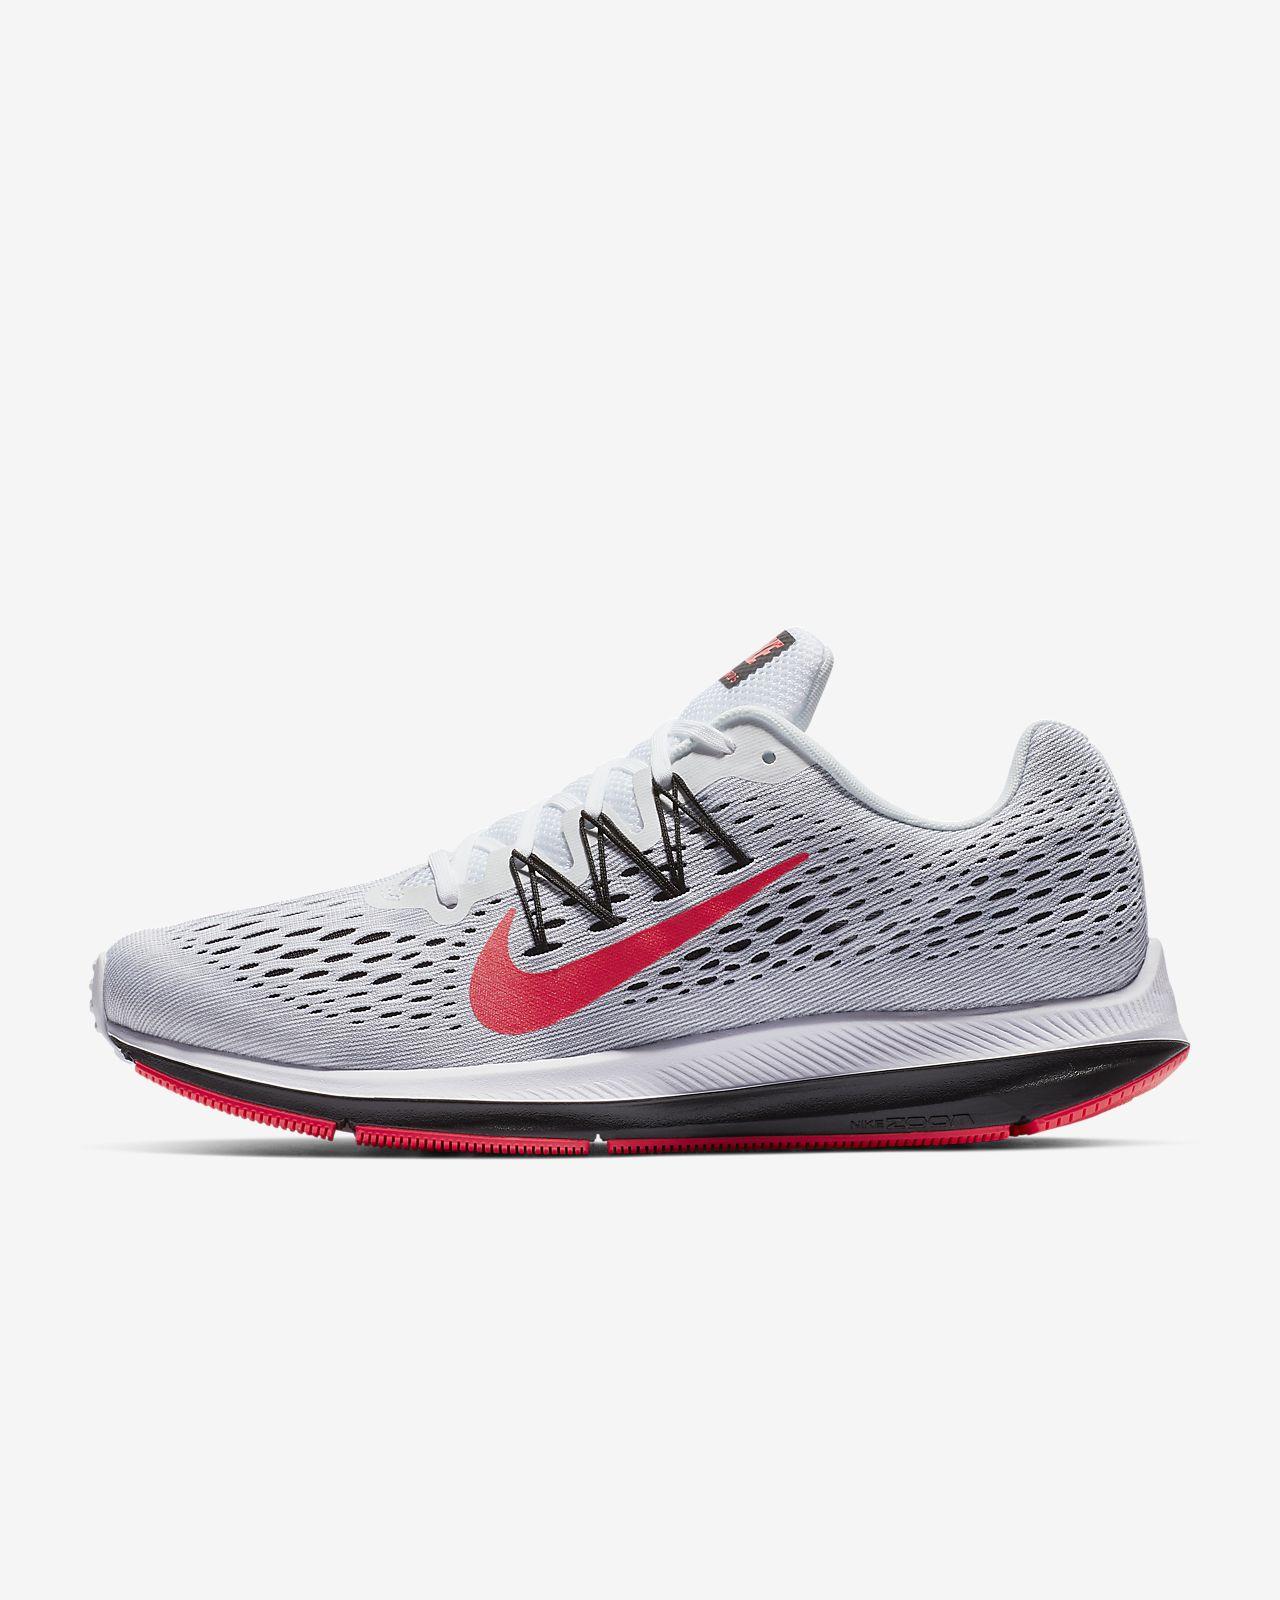 info for 148e3 edd35 Nike Air Zoom Winflo 5 男款跑鞋